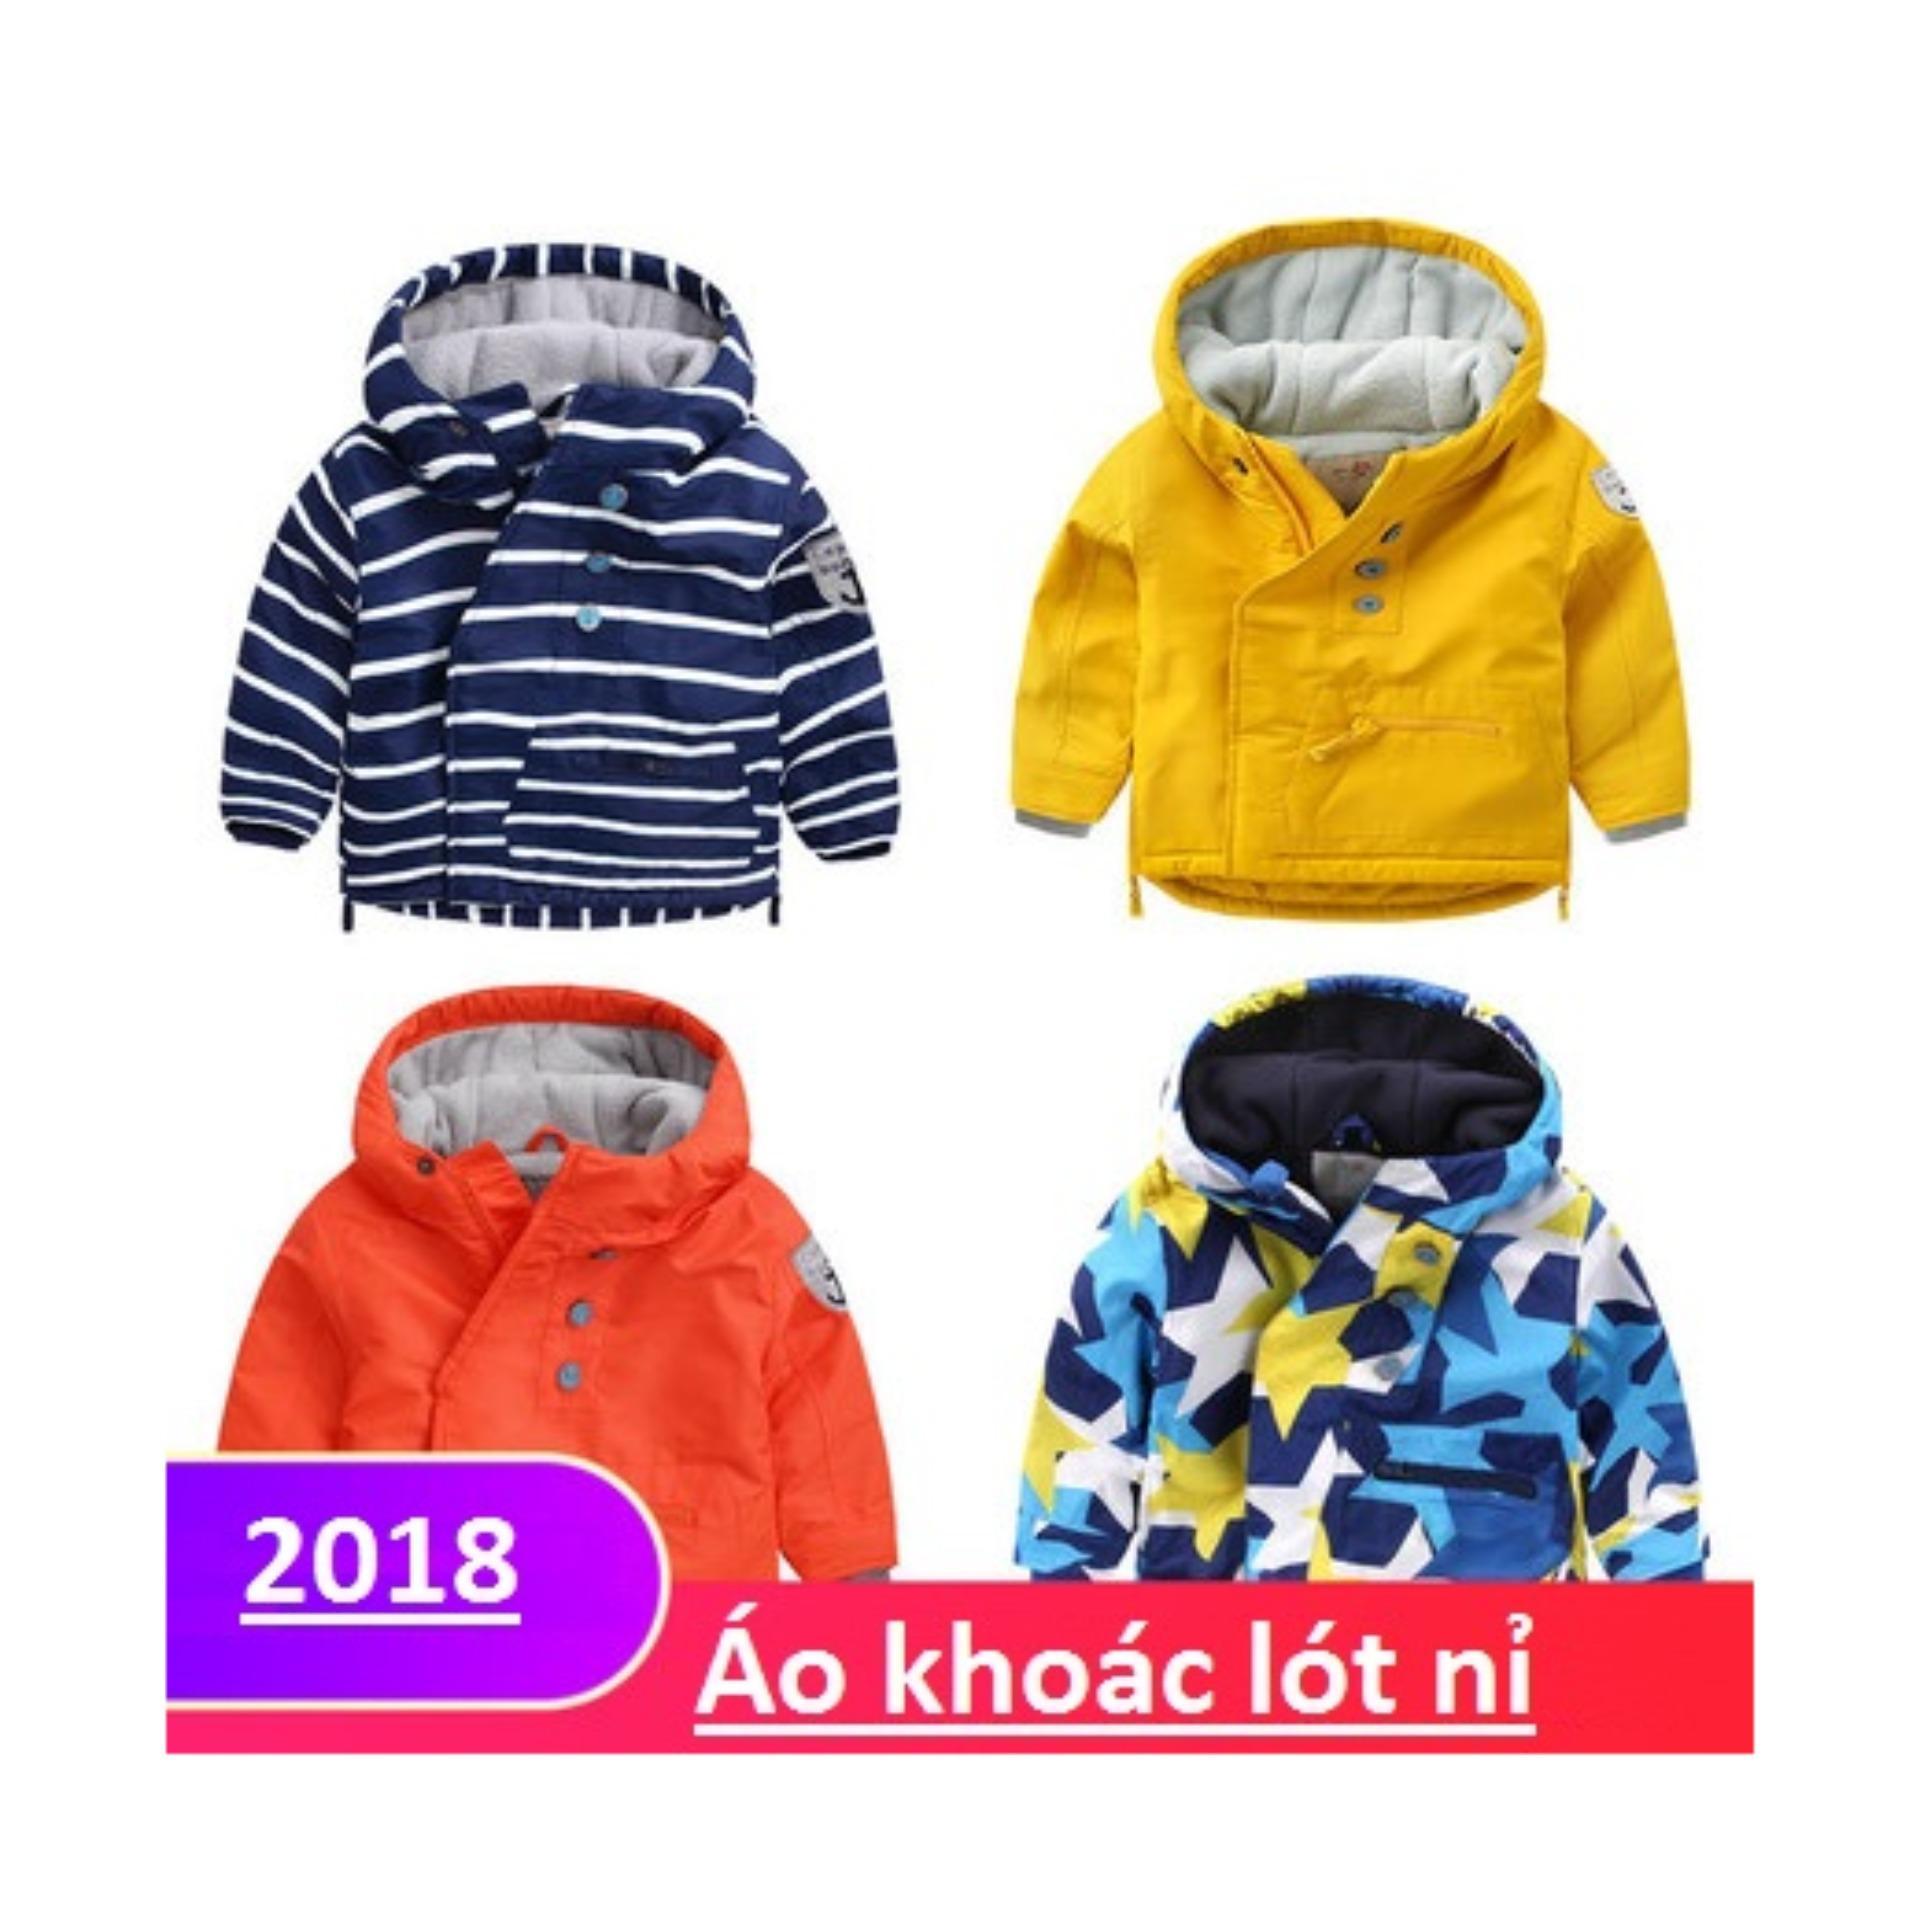 Áo Khoác cho bé trai kiểu dáng 2018 (Mầu xanh kèm sọc ngang)